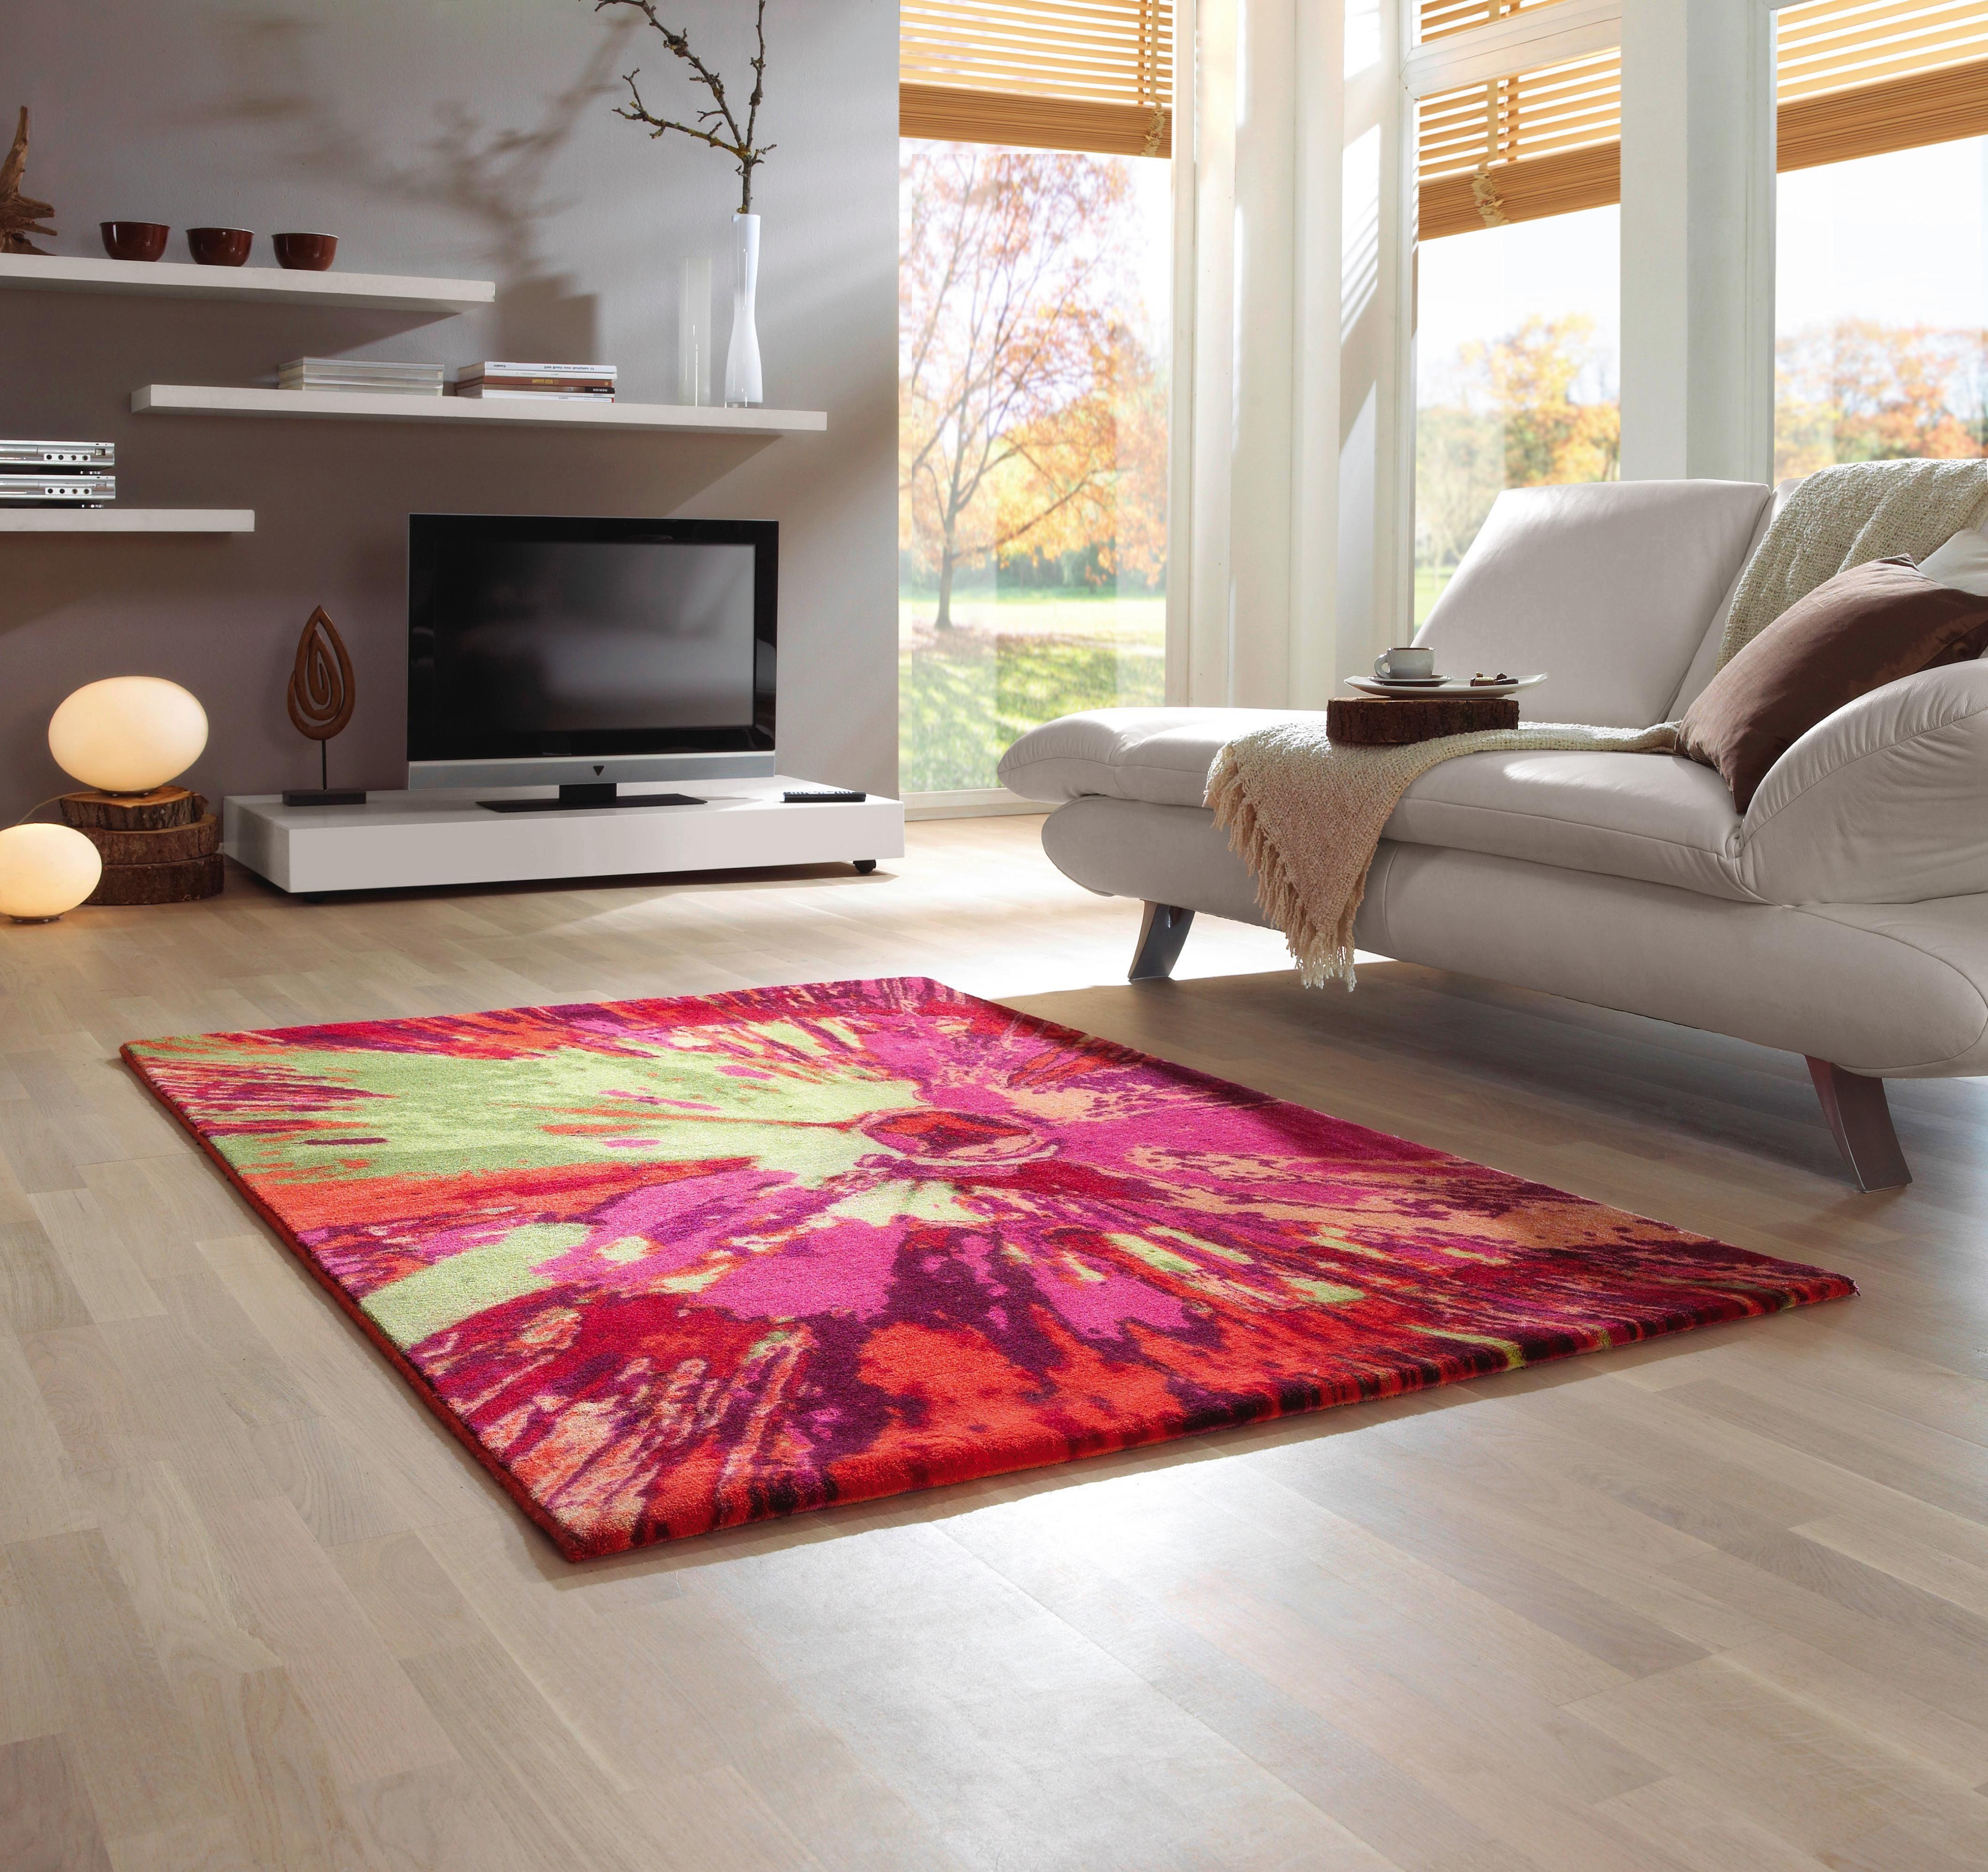 bringen sie farbe und fr hlichkeit auf ihren fu boden dieser ausgefallene teppich setzt ein. Black Bedroom Furniture Sets. Home Design Ideas